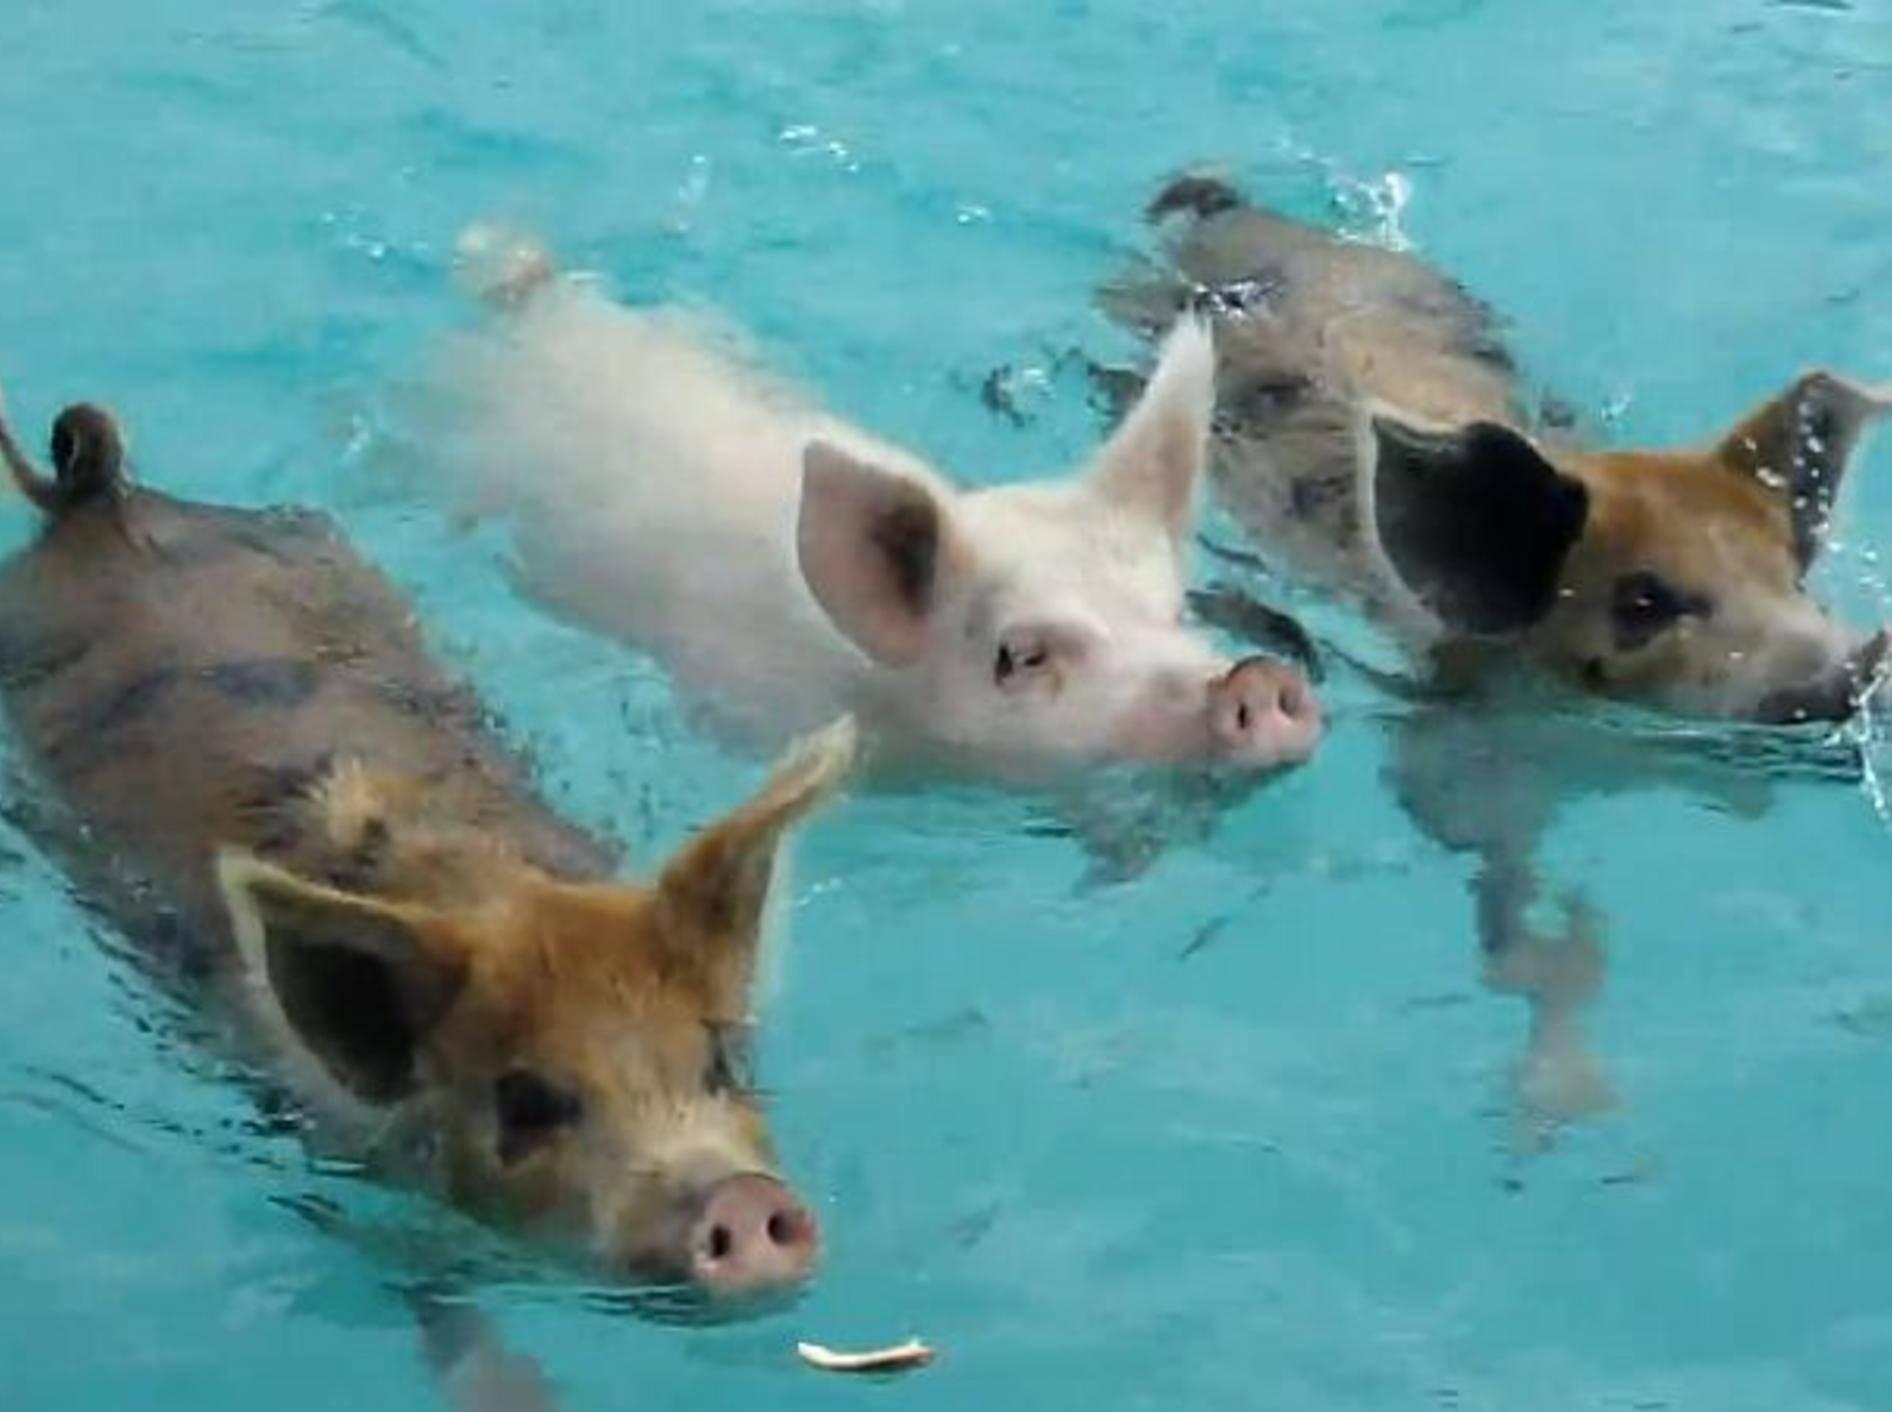 schwimmende-schweine-youtube-Stefanizzi-Andrea